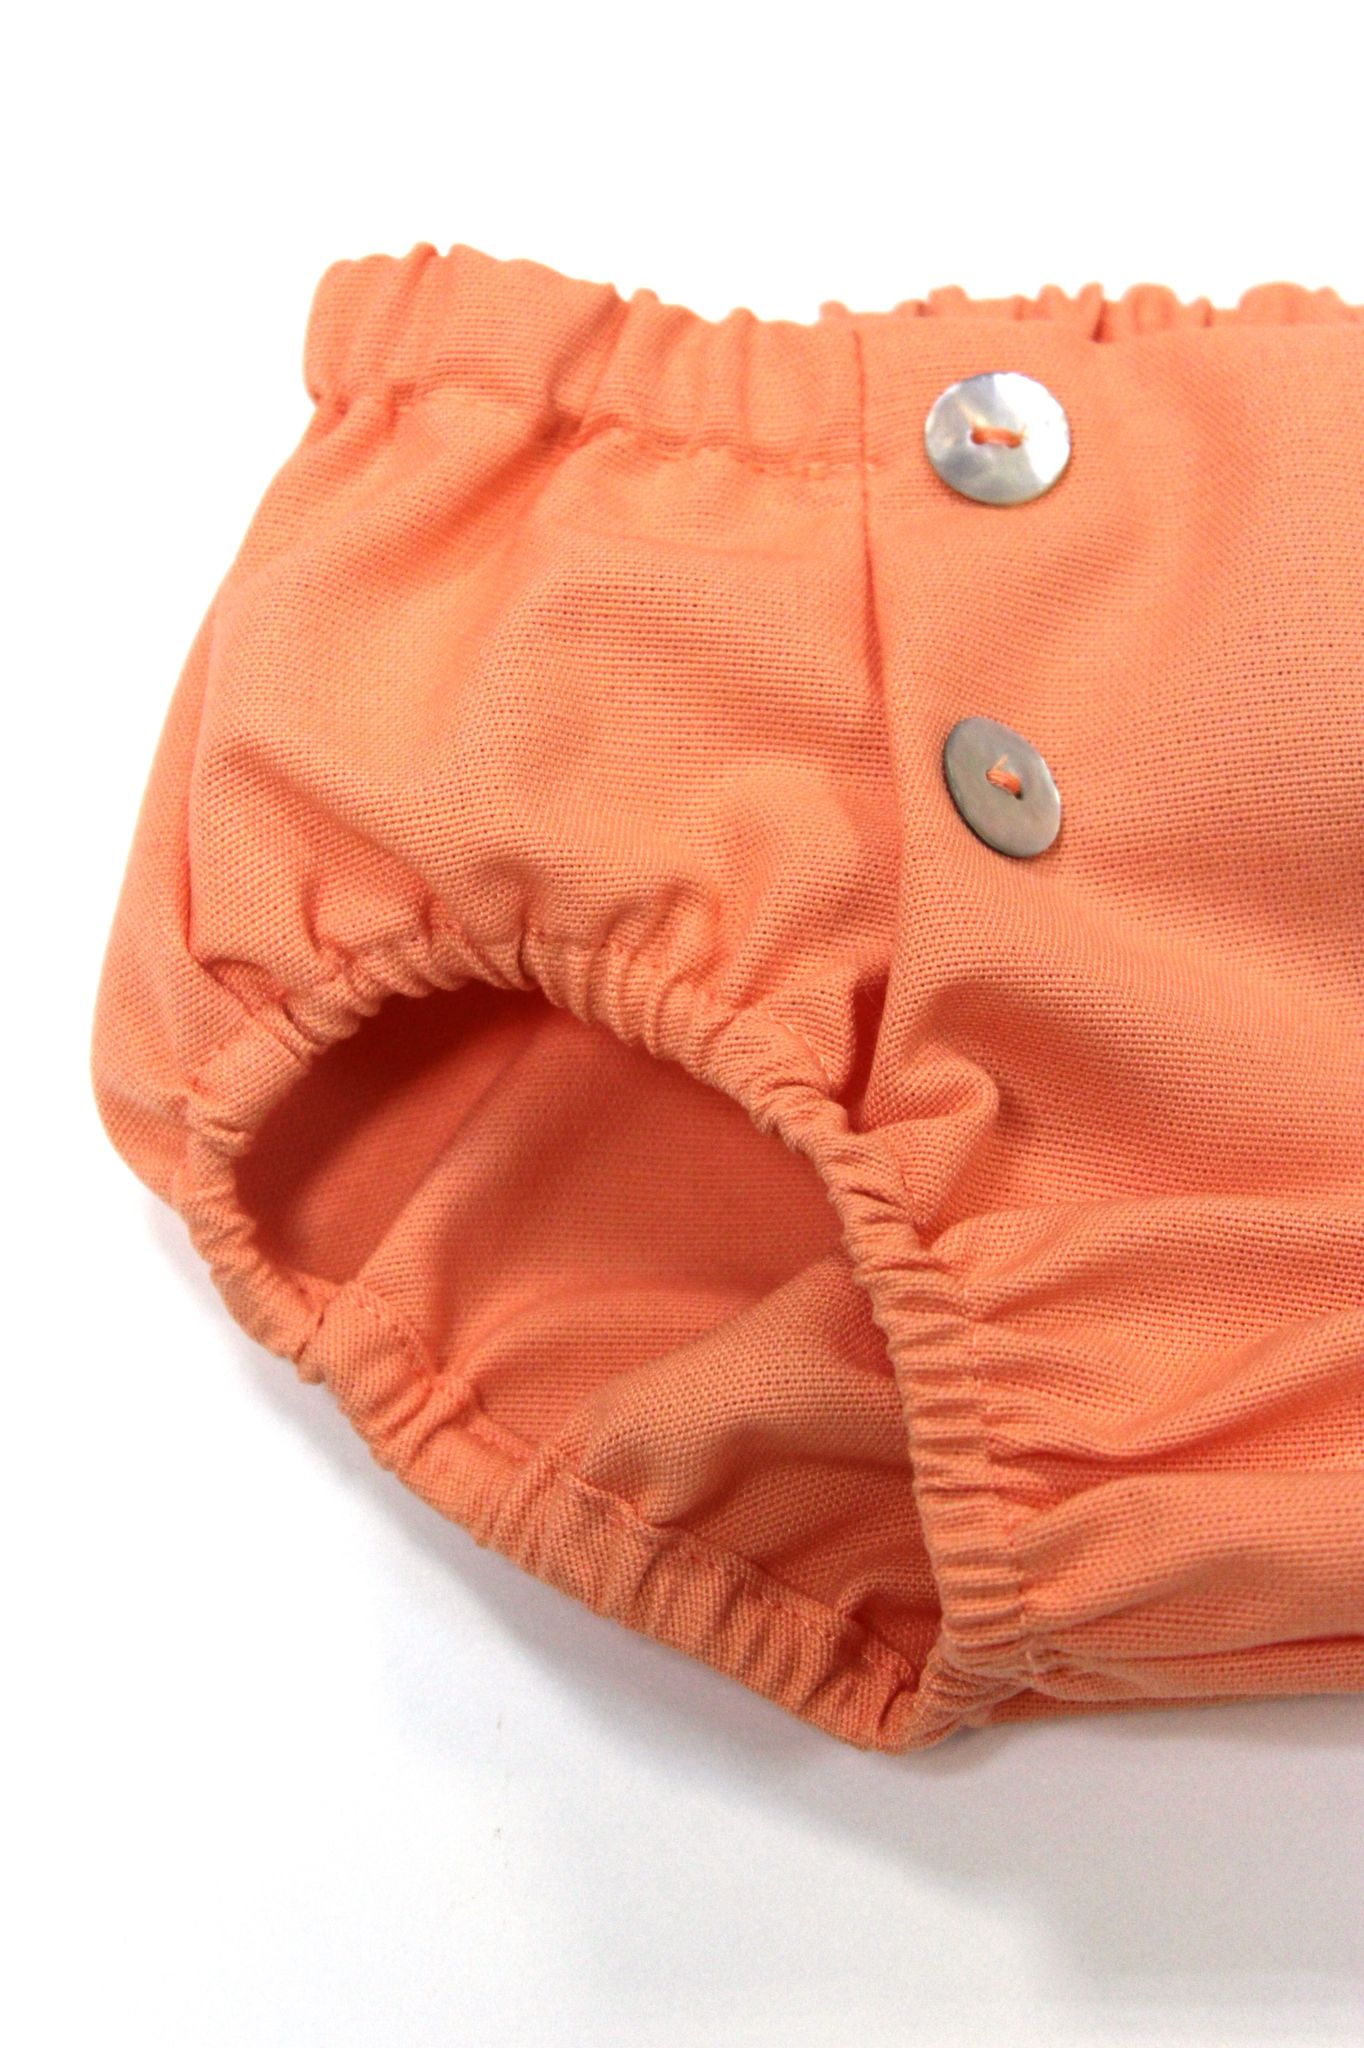 Cuidamos cada uno de los detalles de nuestras prendas. Culotte en color salmón con botones en el delantero como detalle #kids #corazondeleonkids #diaper #salmón #moda #madeinSpain #SpringSummer2015 #baby #botones #cubrepañal #culotte #bottoms